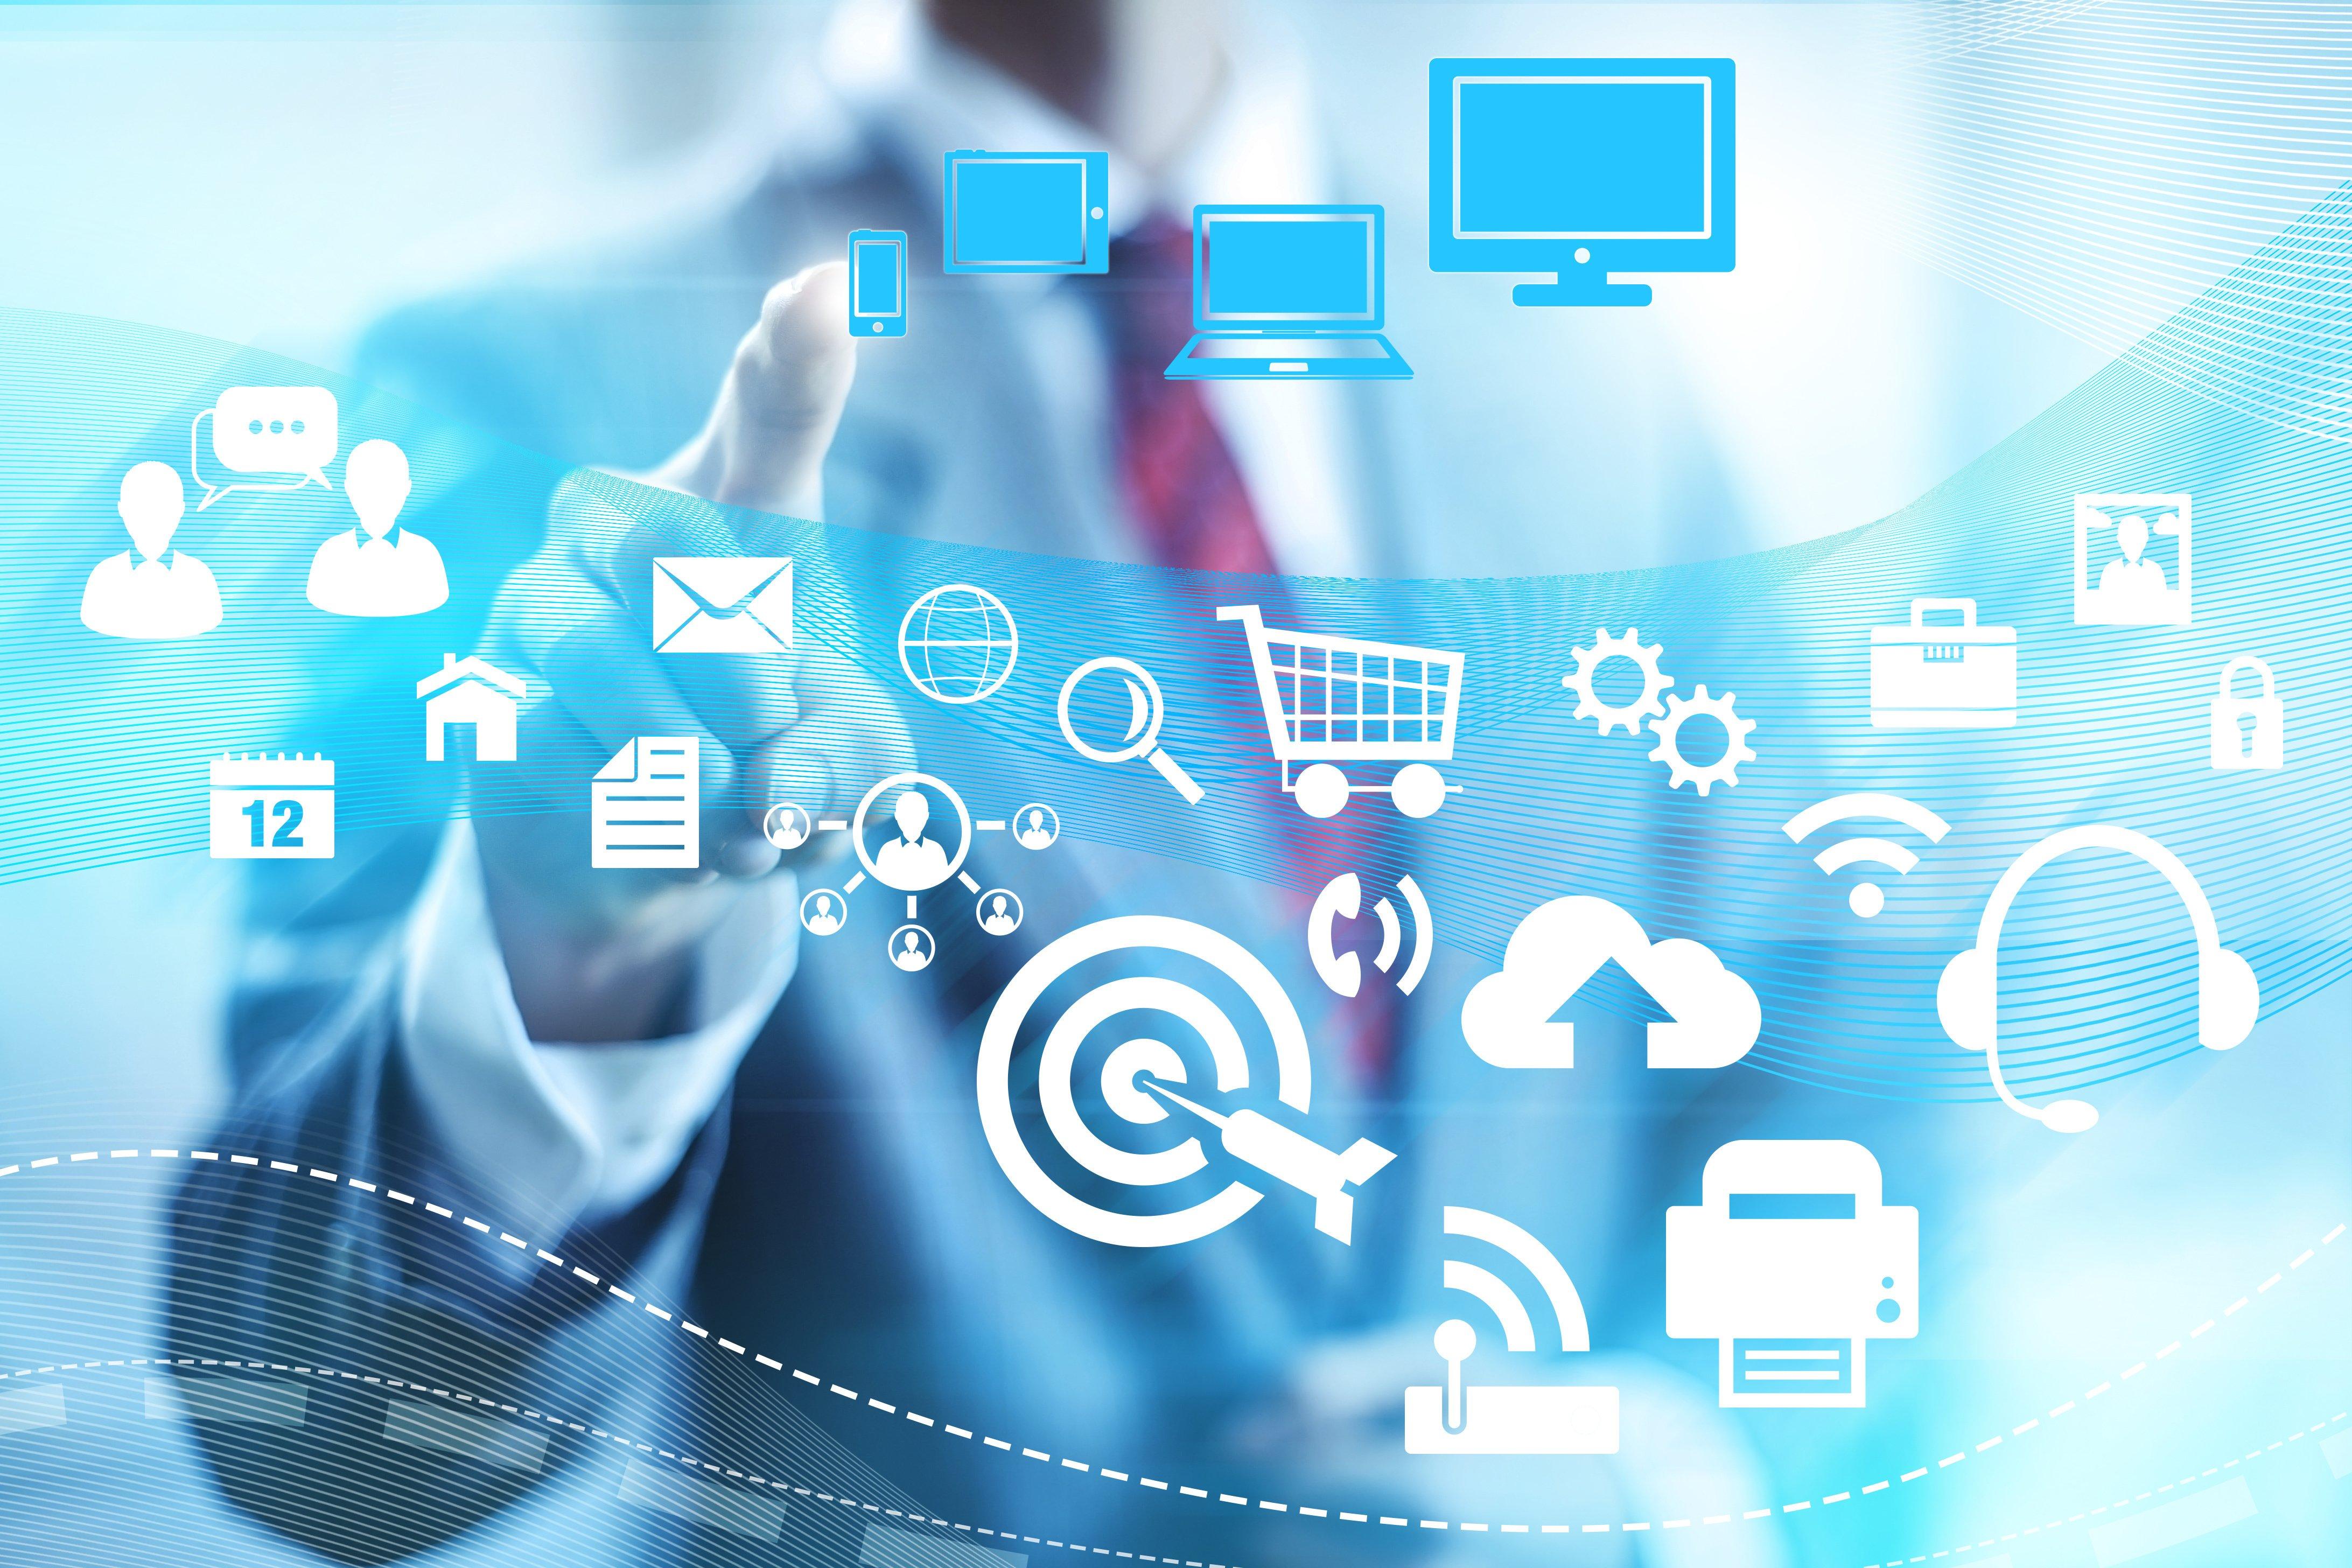 Internet technology business circuit computer wallpaper 4368x2912 4368x2912